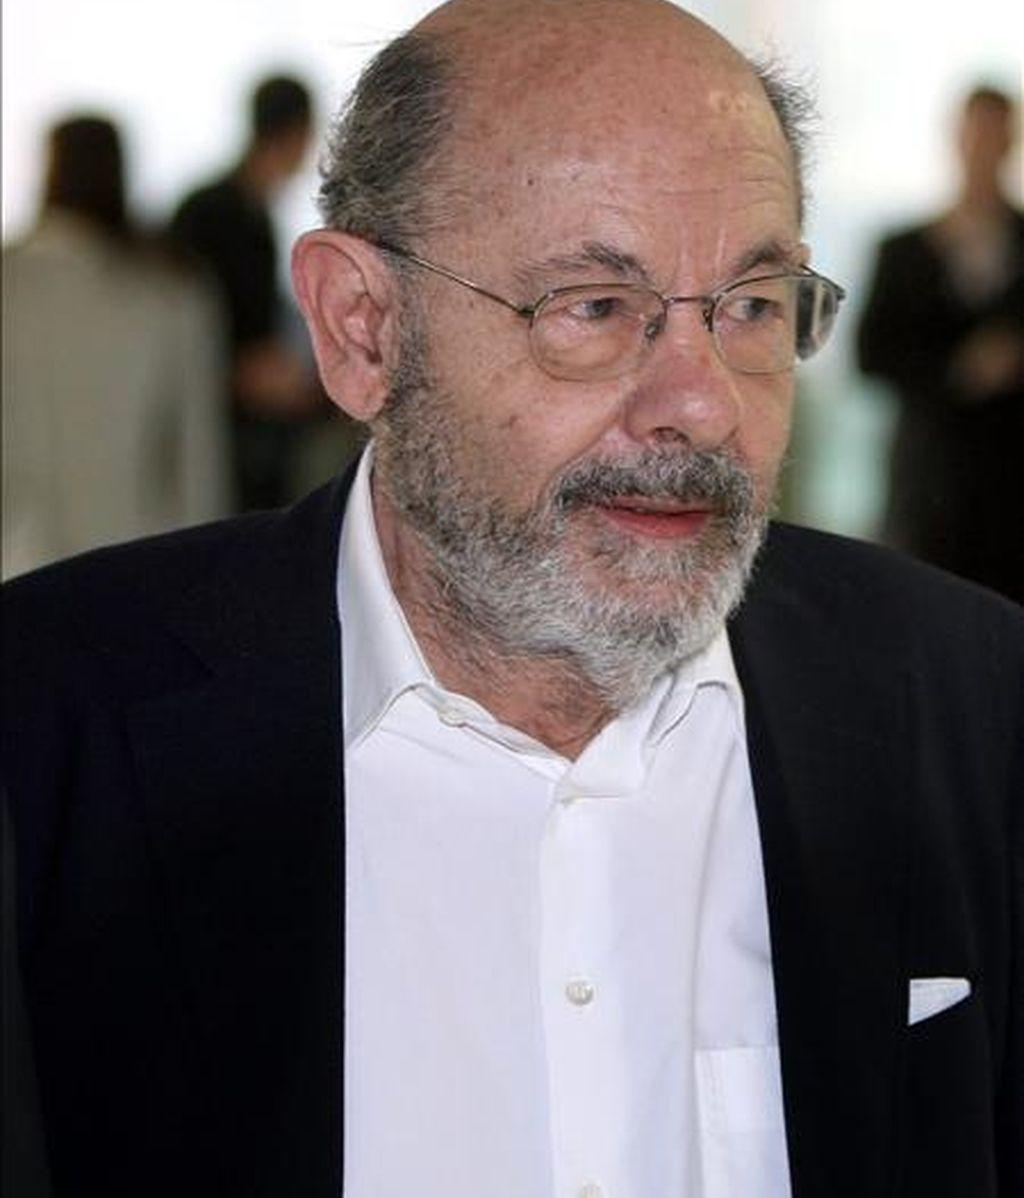 En la imagen, el ex presidente de la Fundación Orfeo Catalá- Palau de la Música, Fèlix Millet, momentos antes de su comparecencía ante el juez. EFE/Archivo